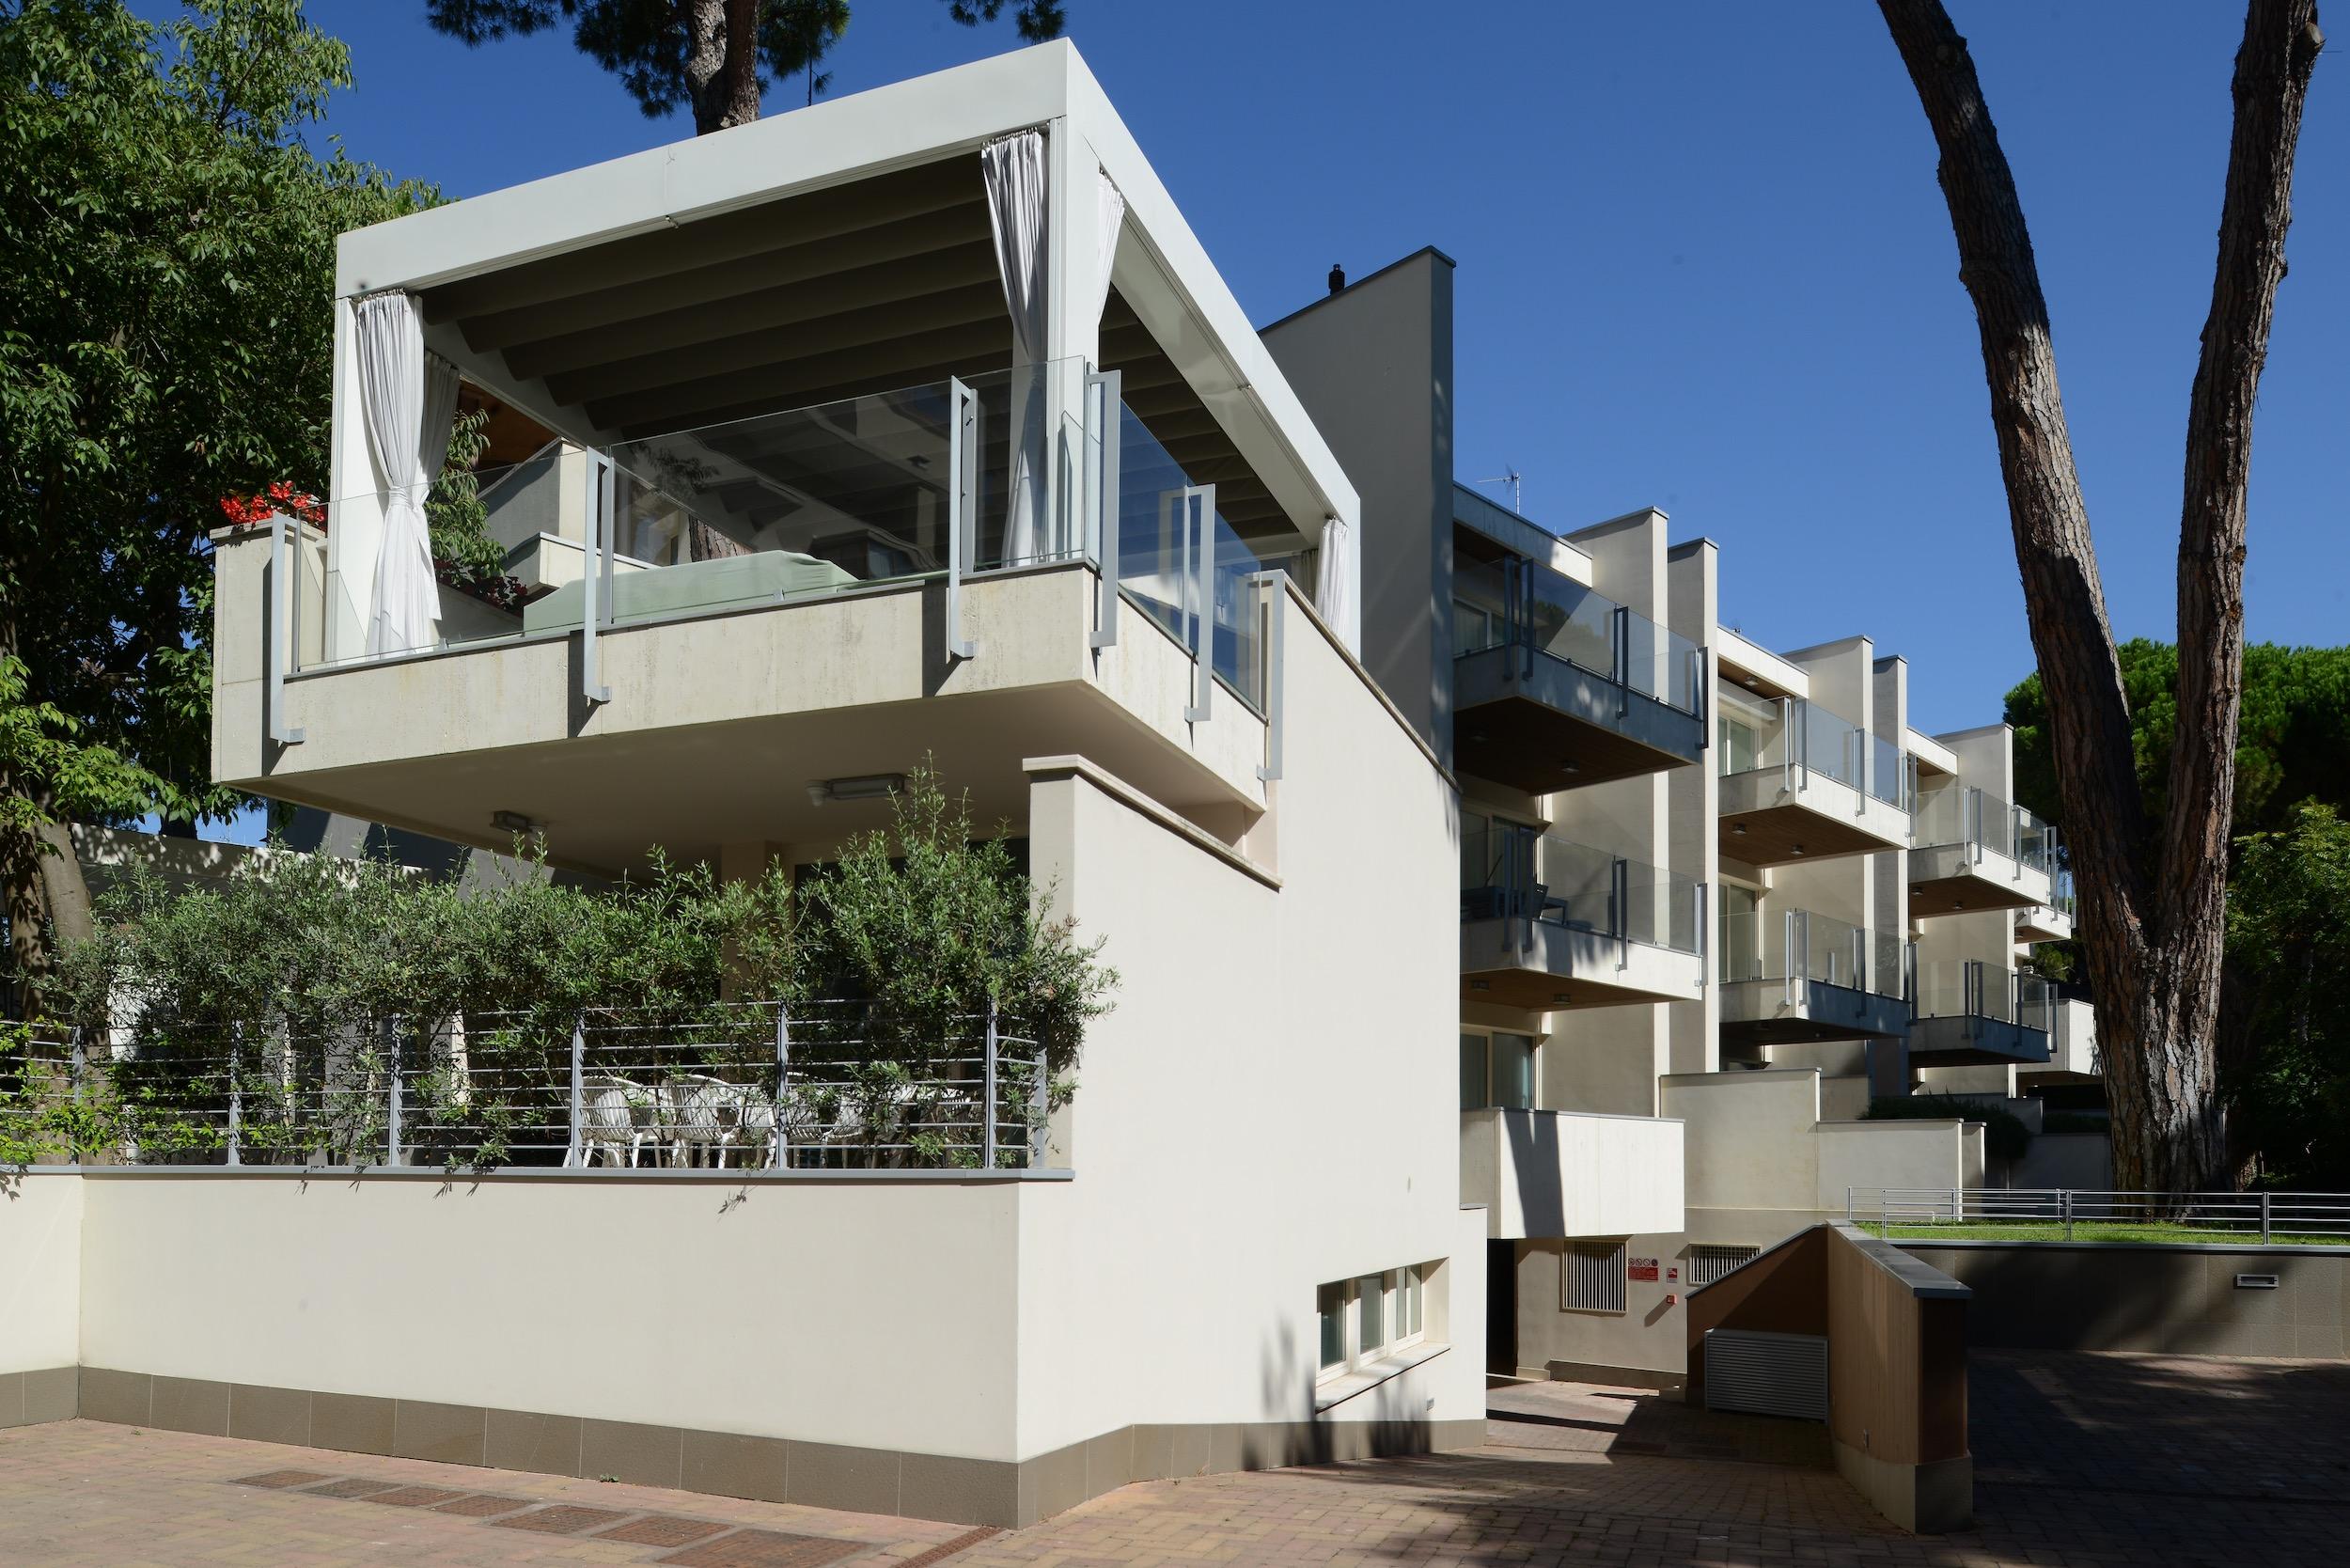 4280 Studio Bacchi Architetti MiMa